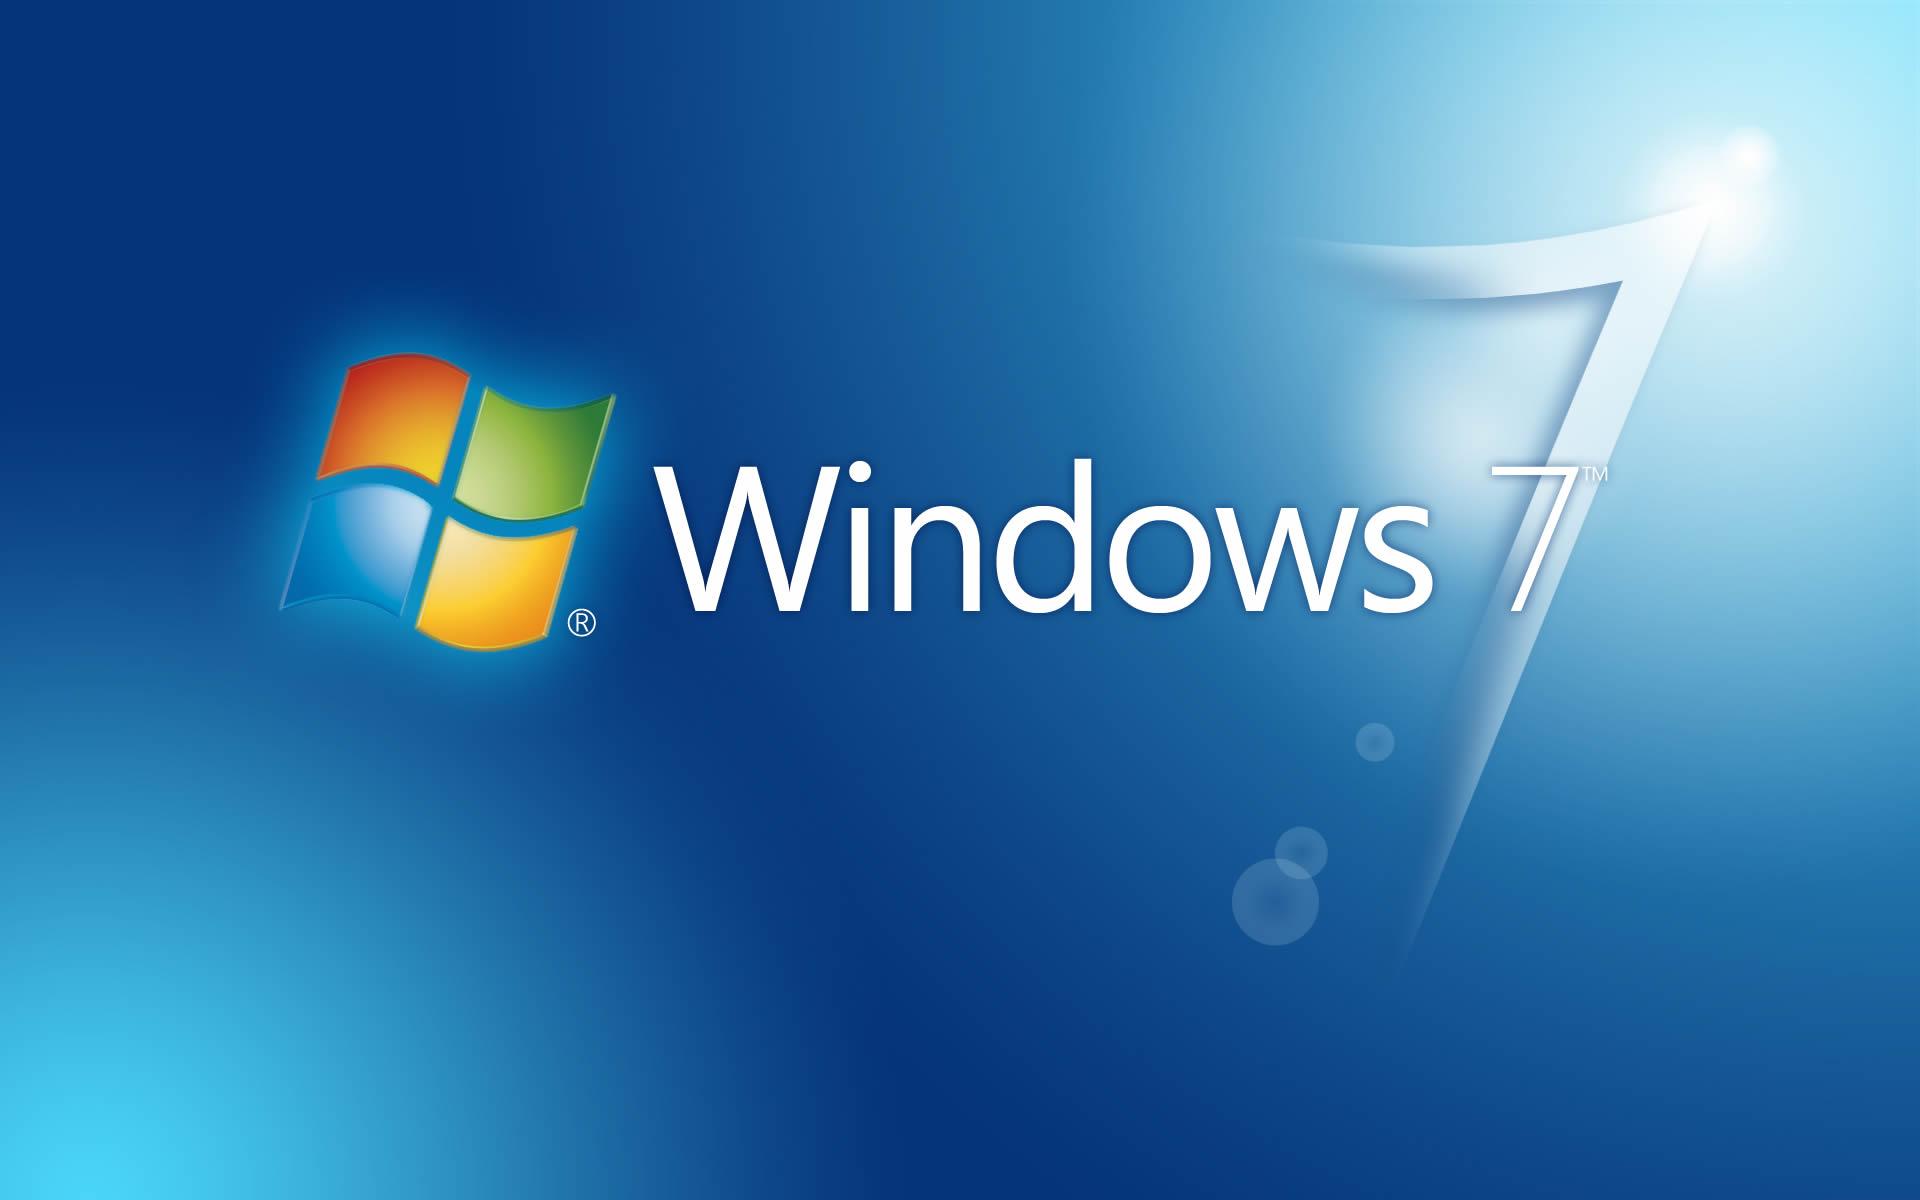 Windows wallpaper informacao junho desliga windows7 imagem